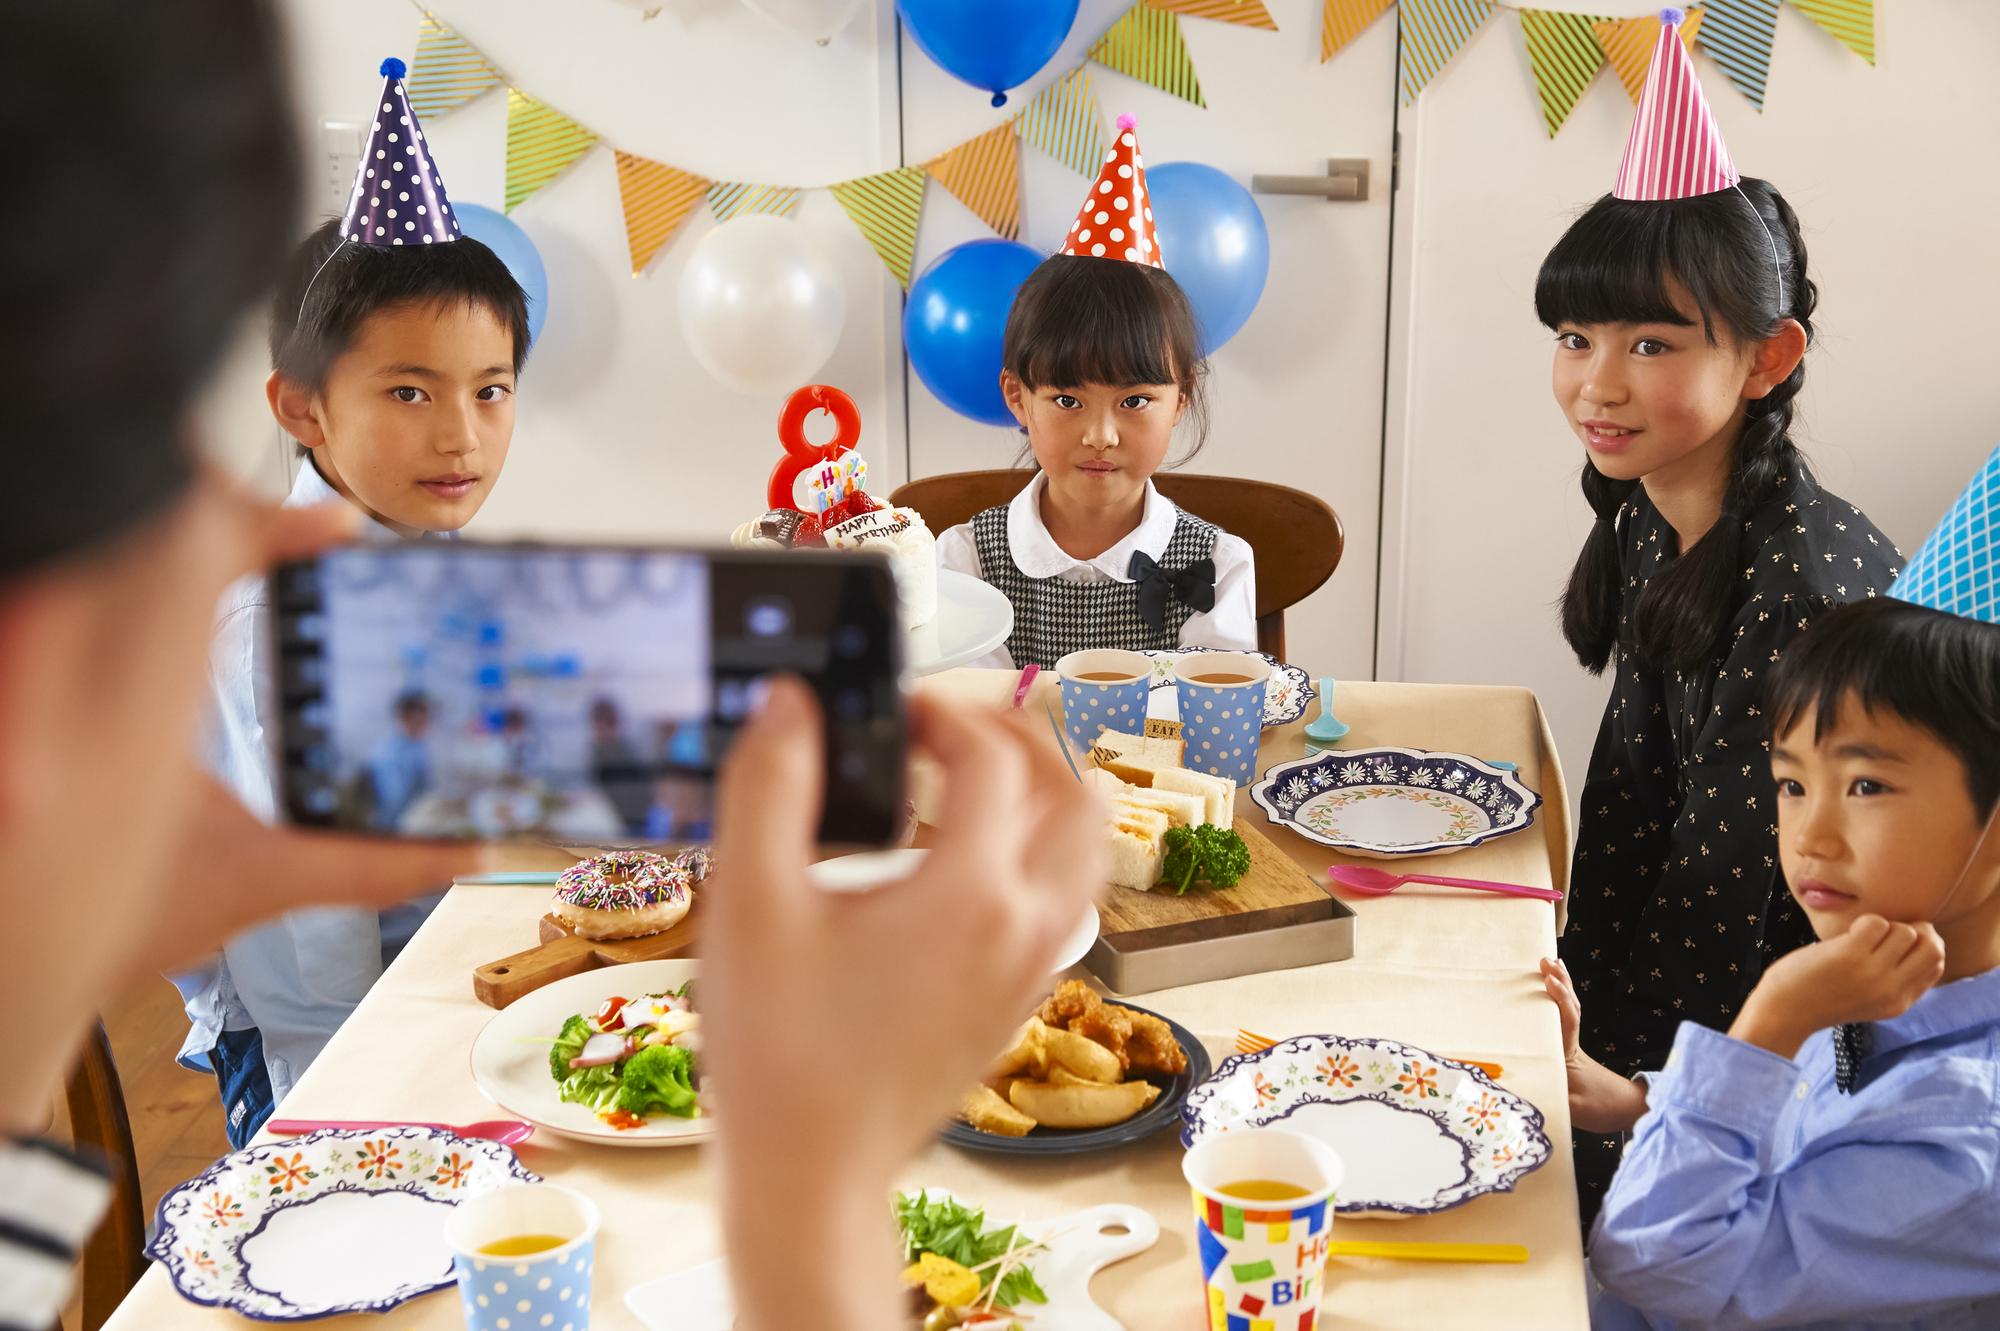 子供たちが盛り上がること間違いなし!子供ウケするパーティーゲームを紹介